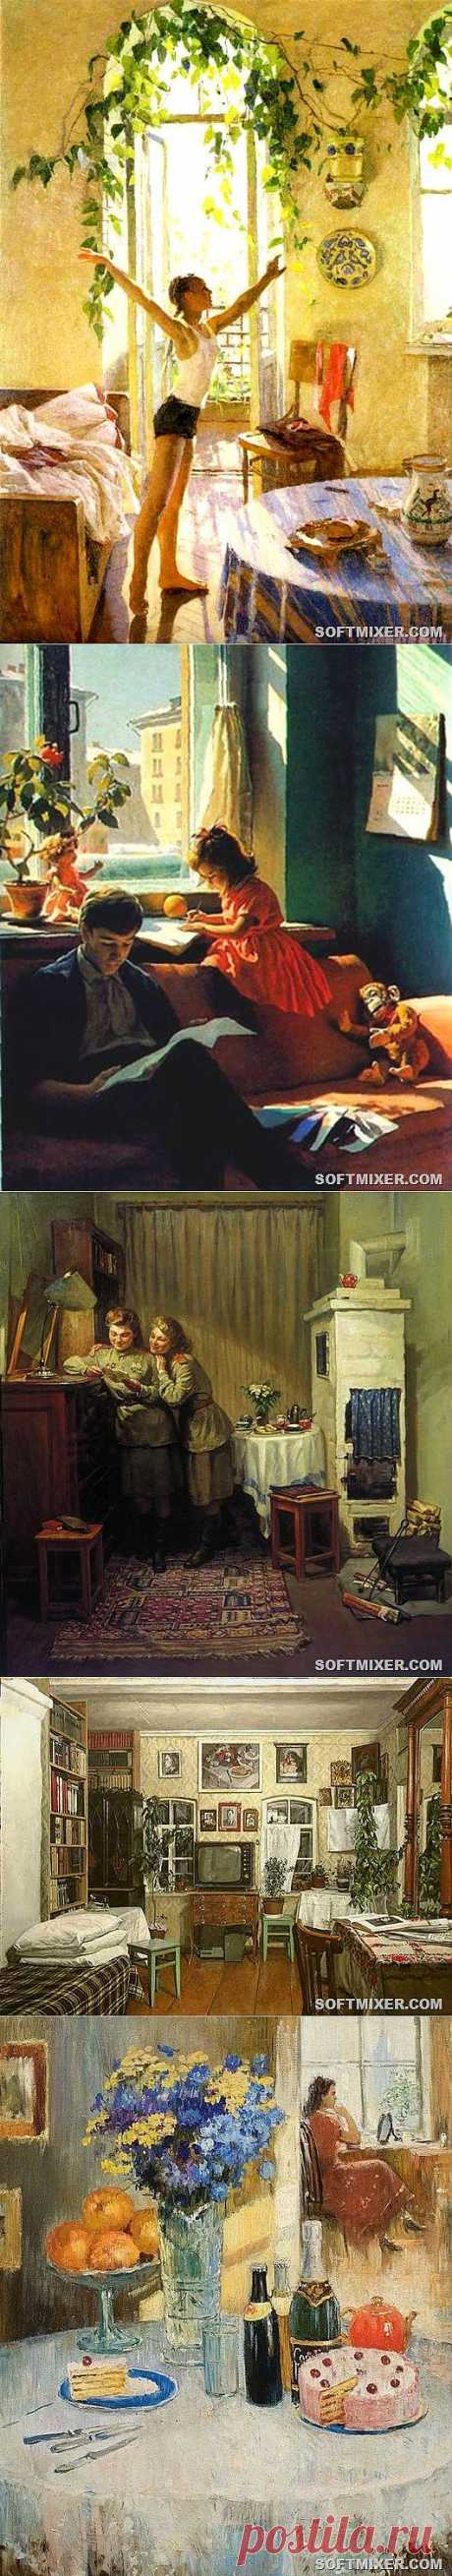 Интерьеры советских квартир в живописи | Наш уютный дом